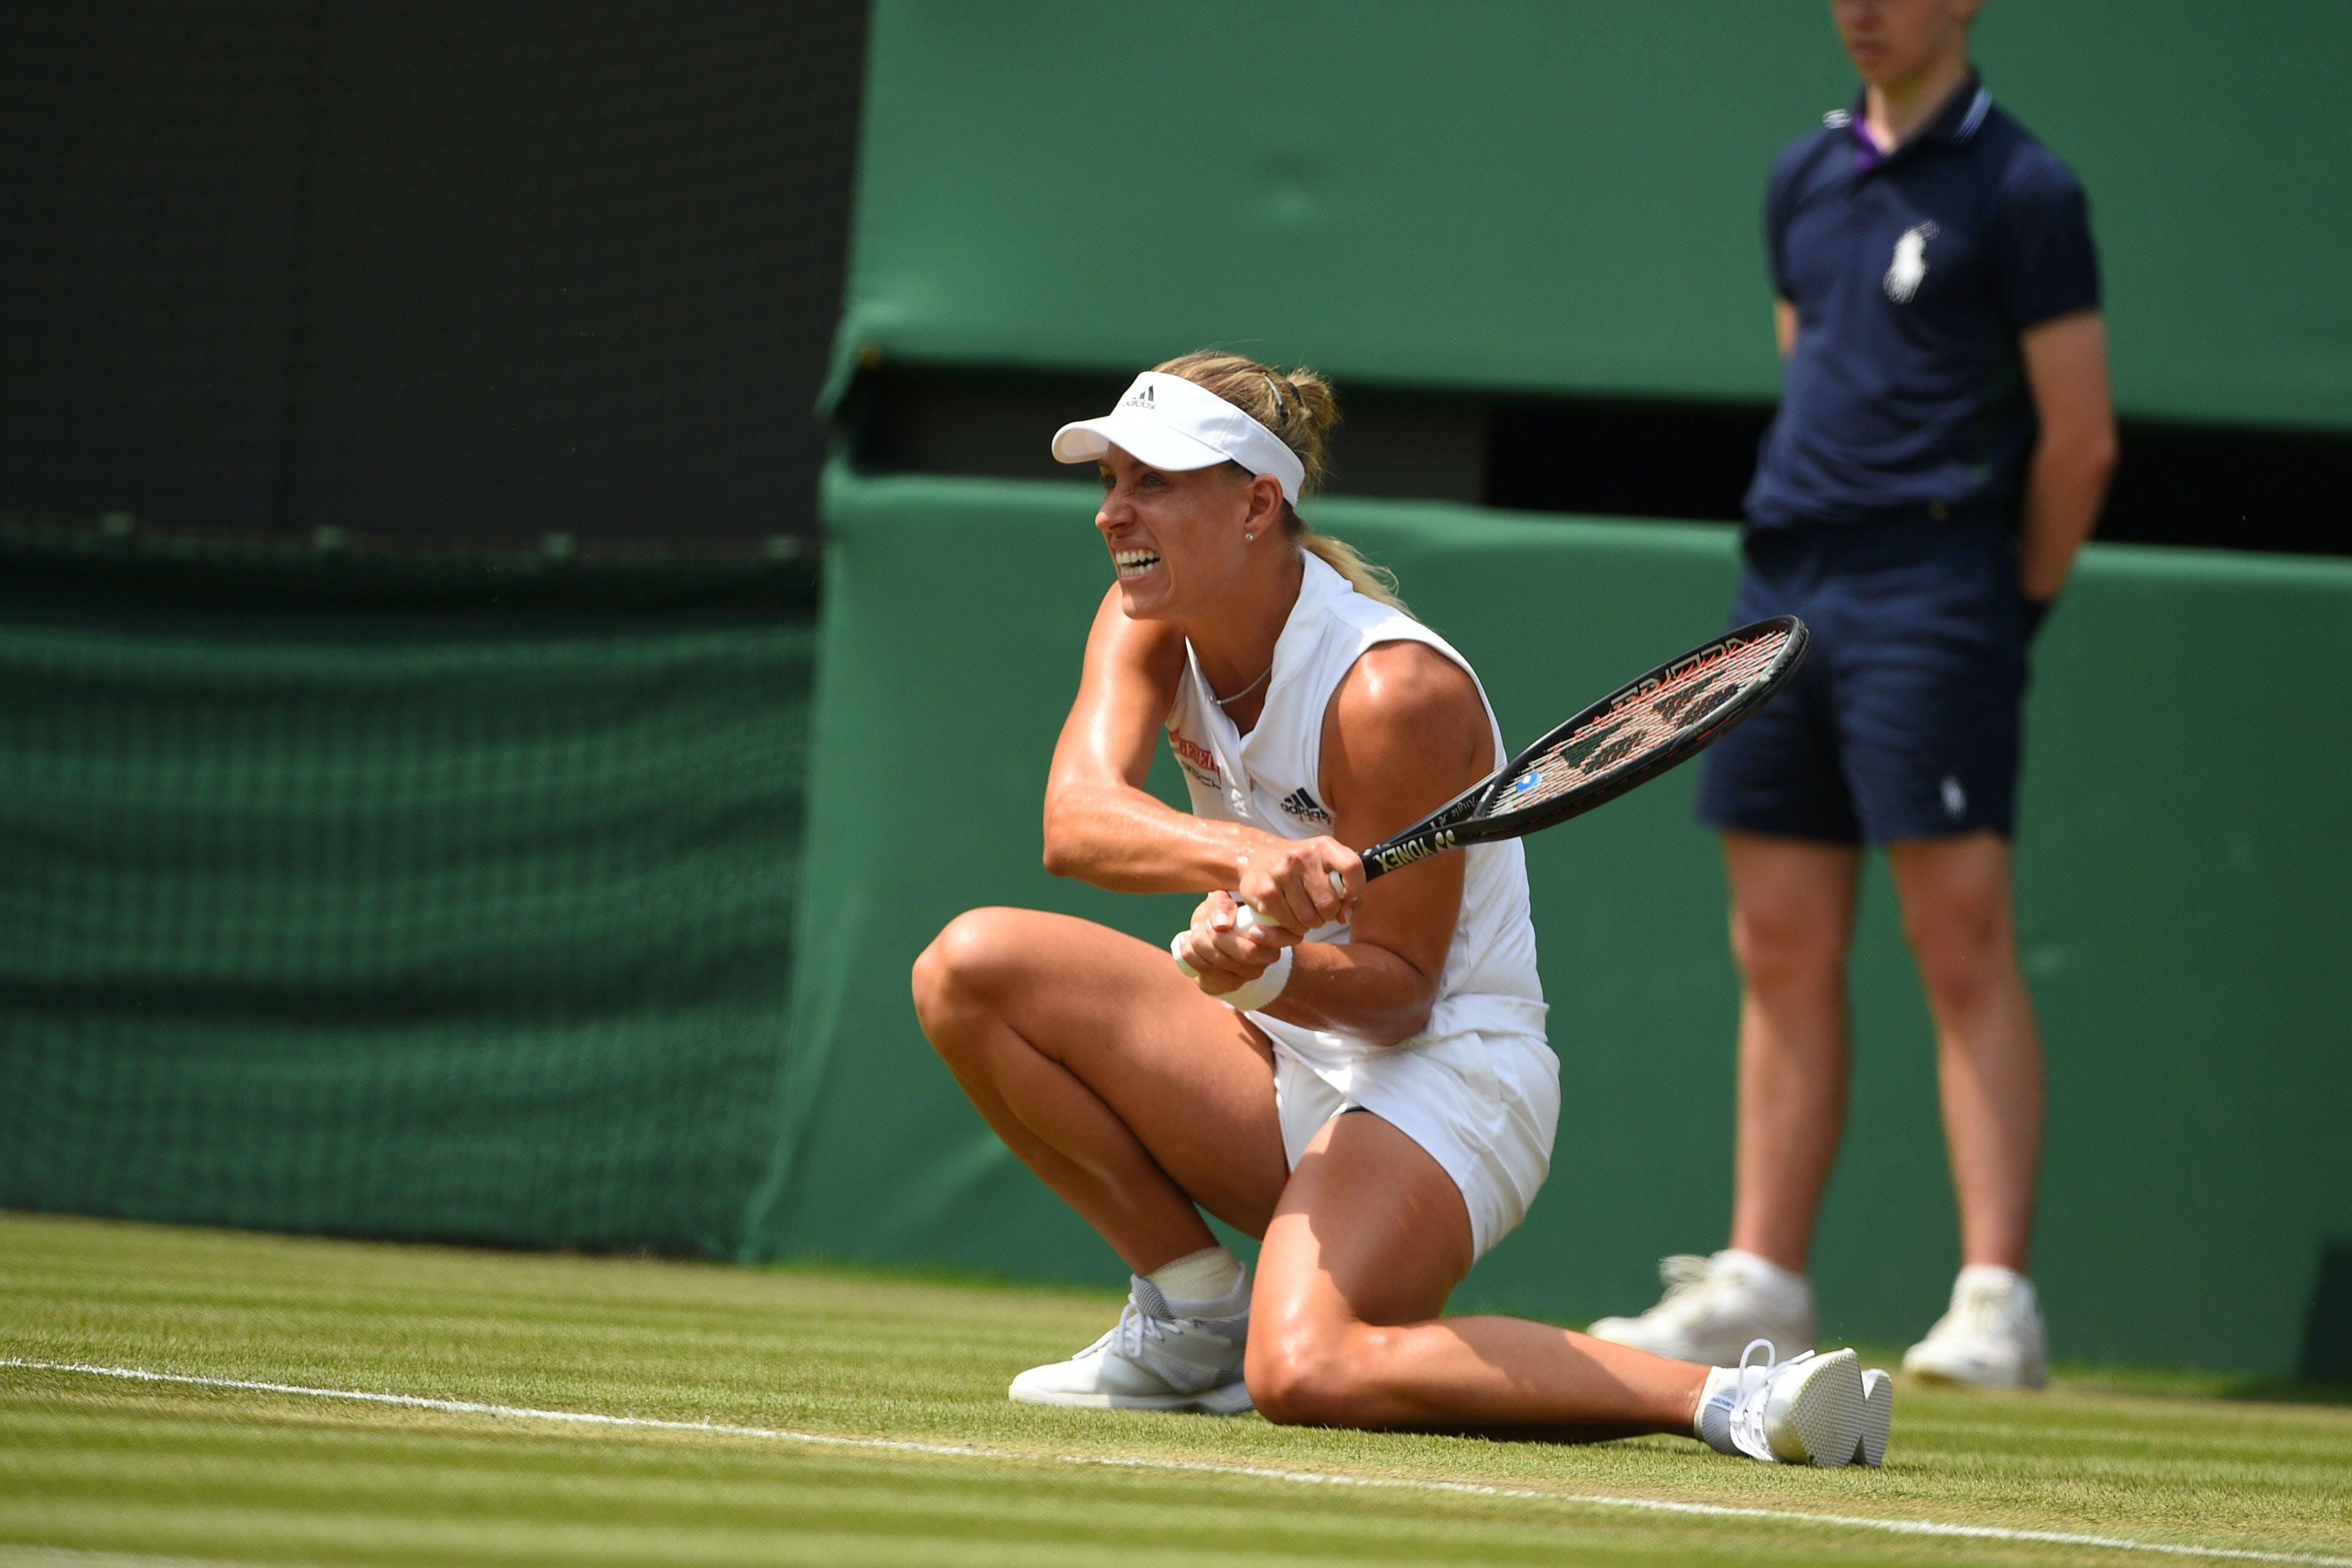 Angelique Kerber defeats Belinda Bencic in Wimbledon 2018